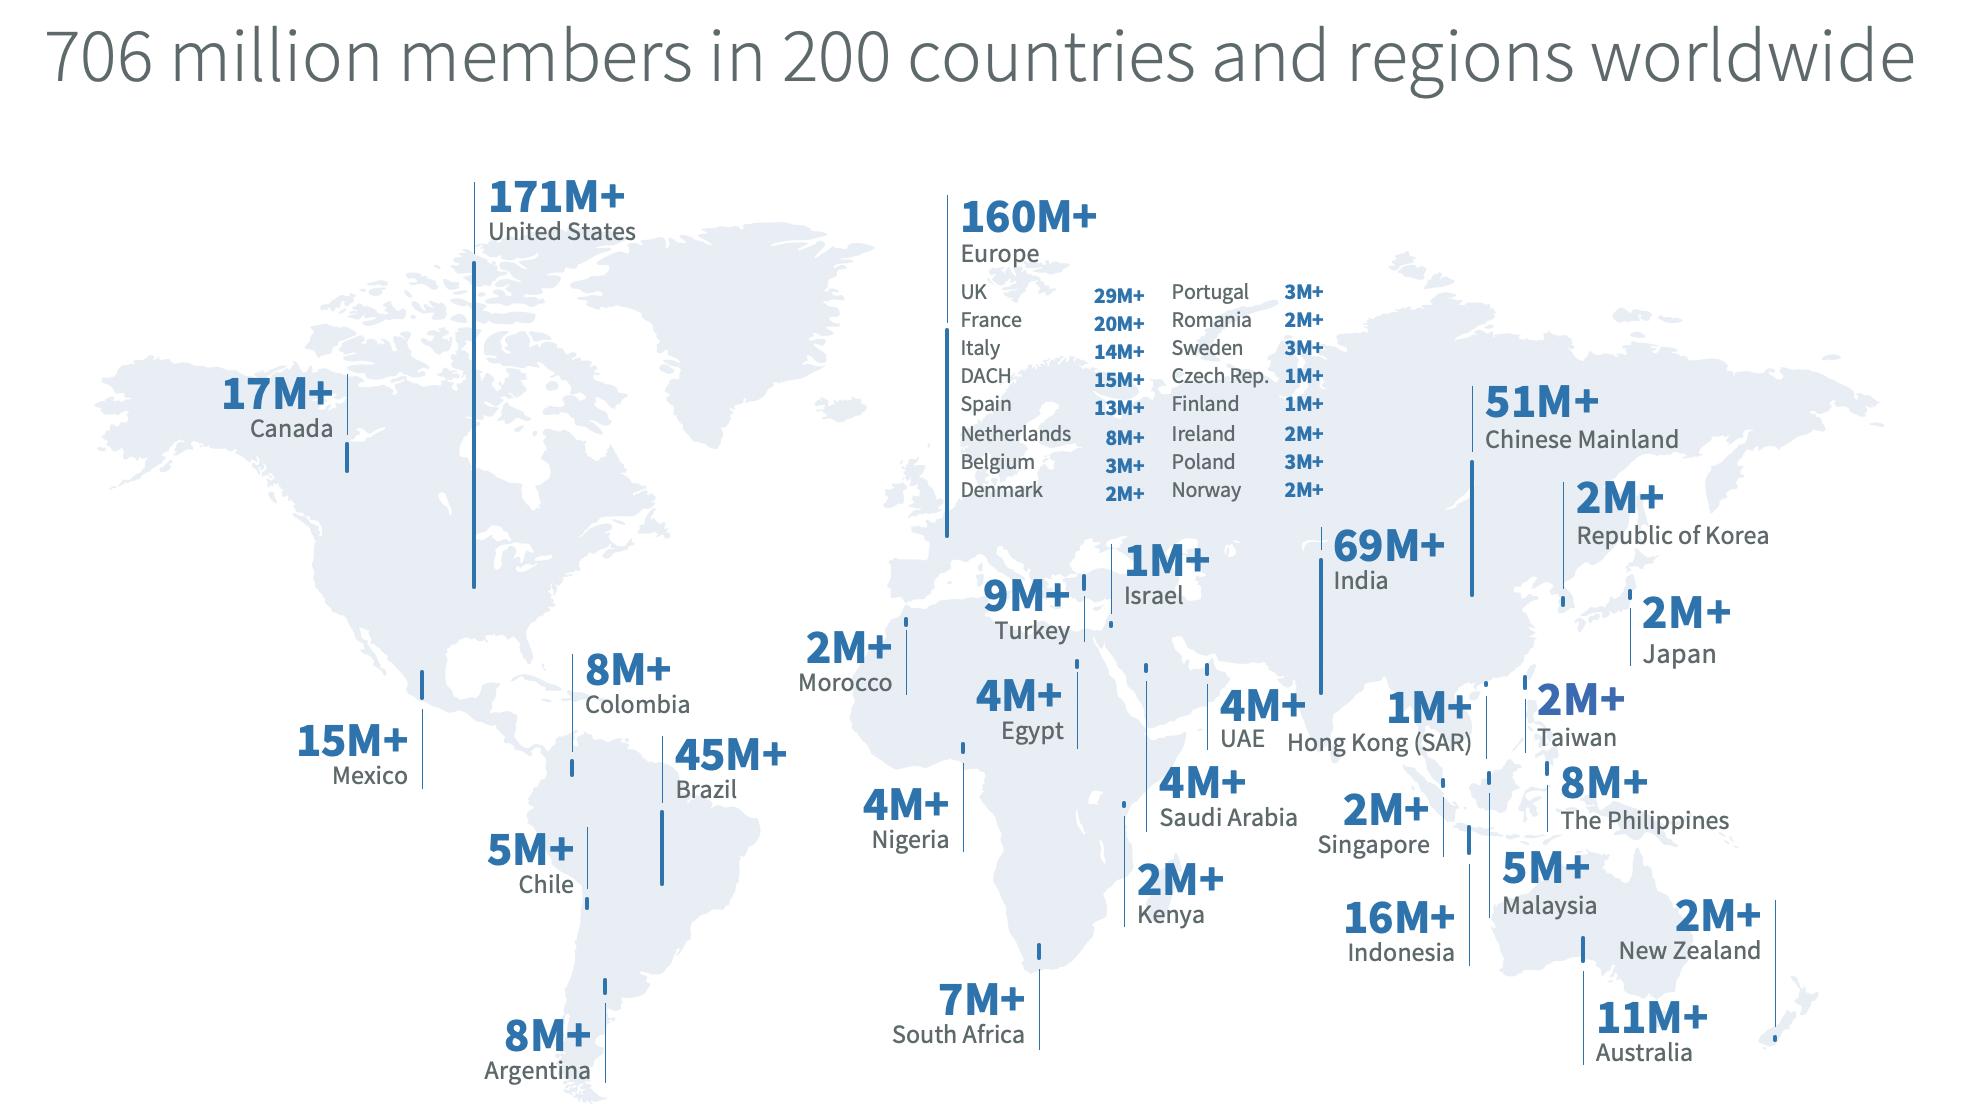 Planisphère : Les membres de LinkedIn dans le monde en 2020